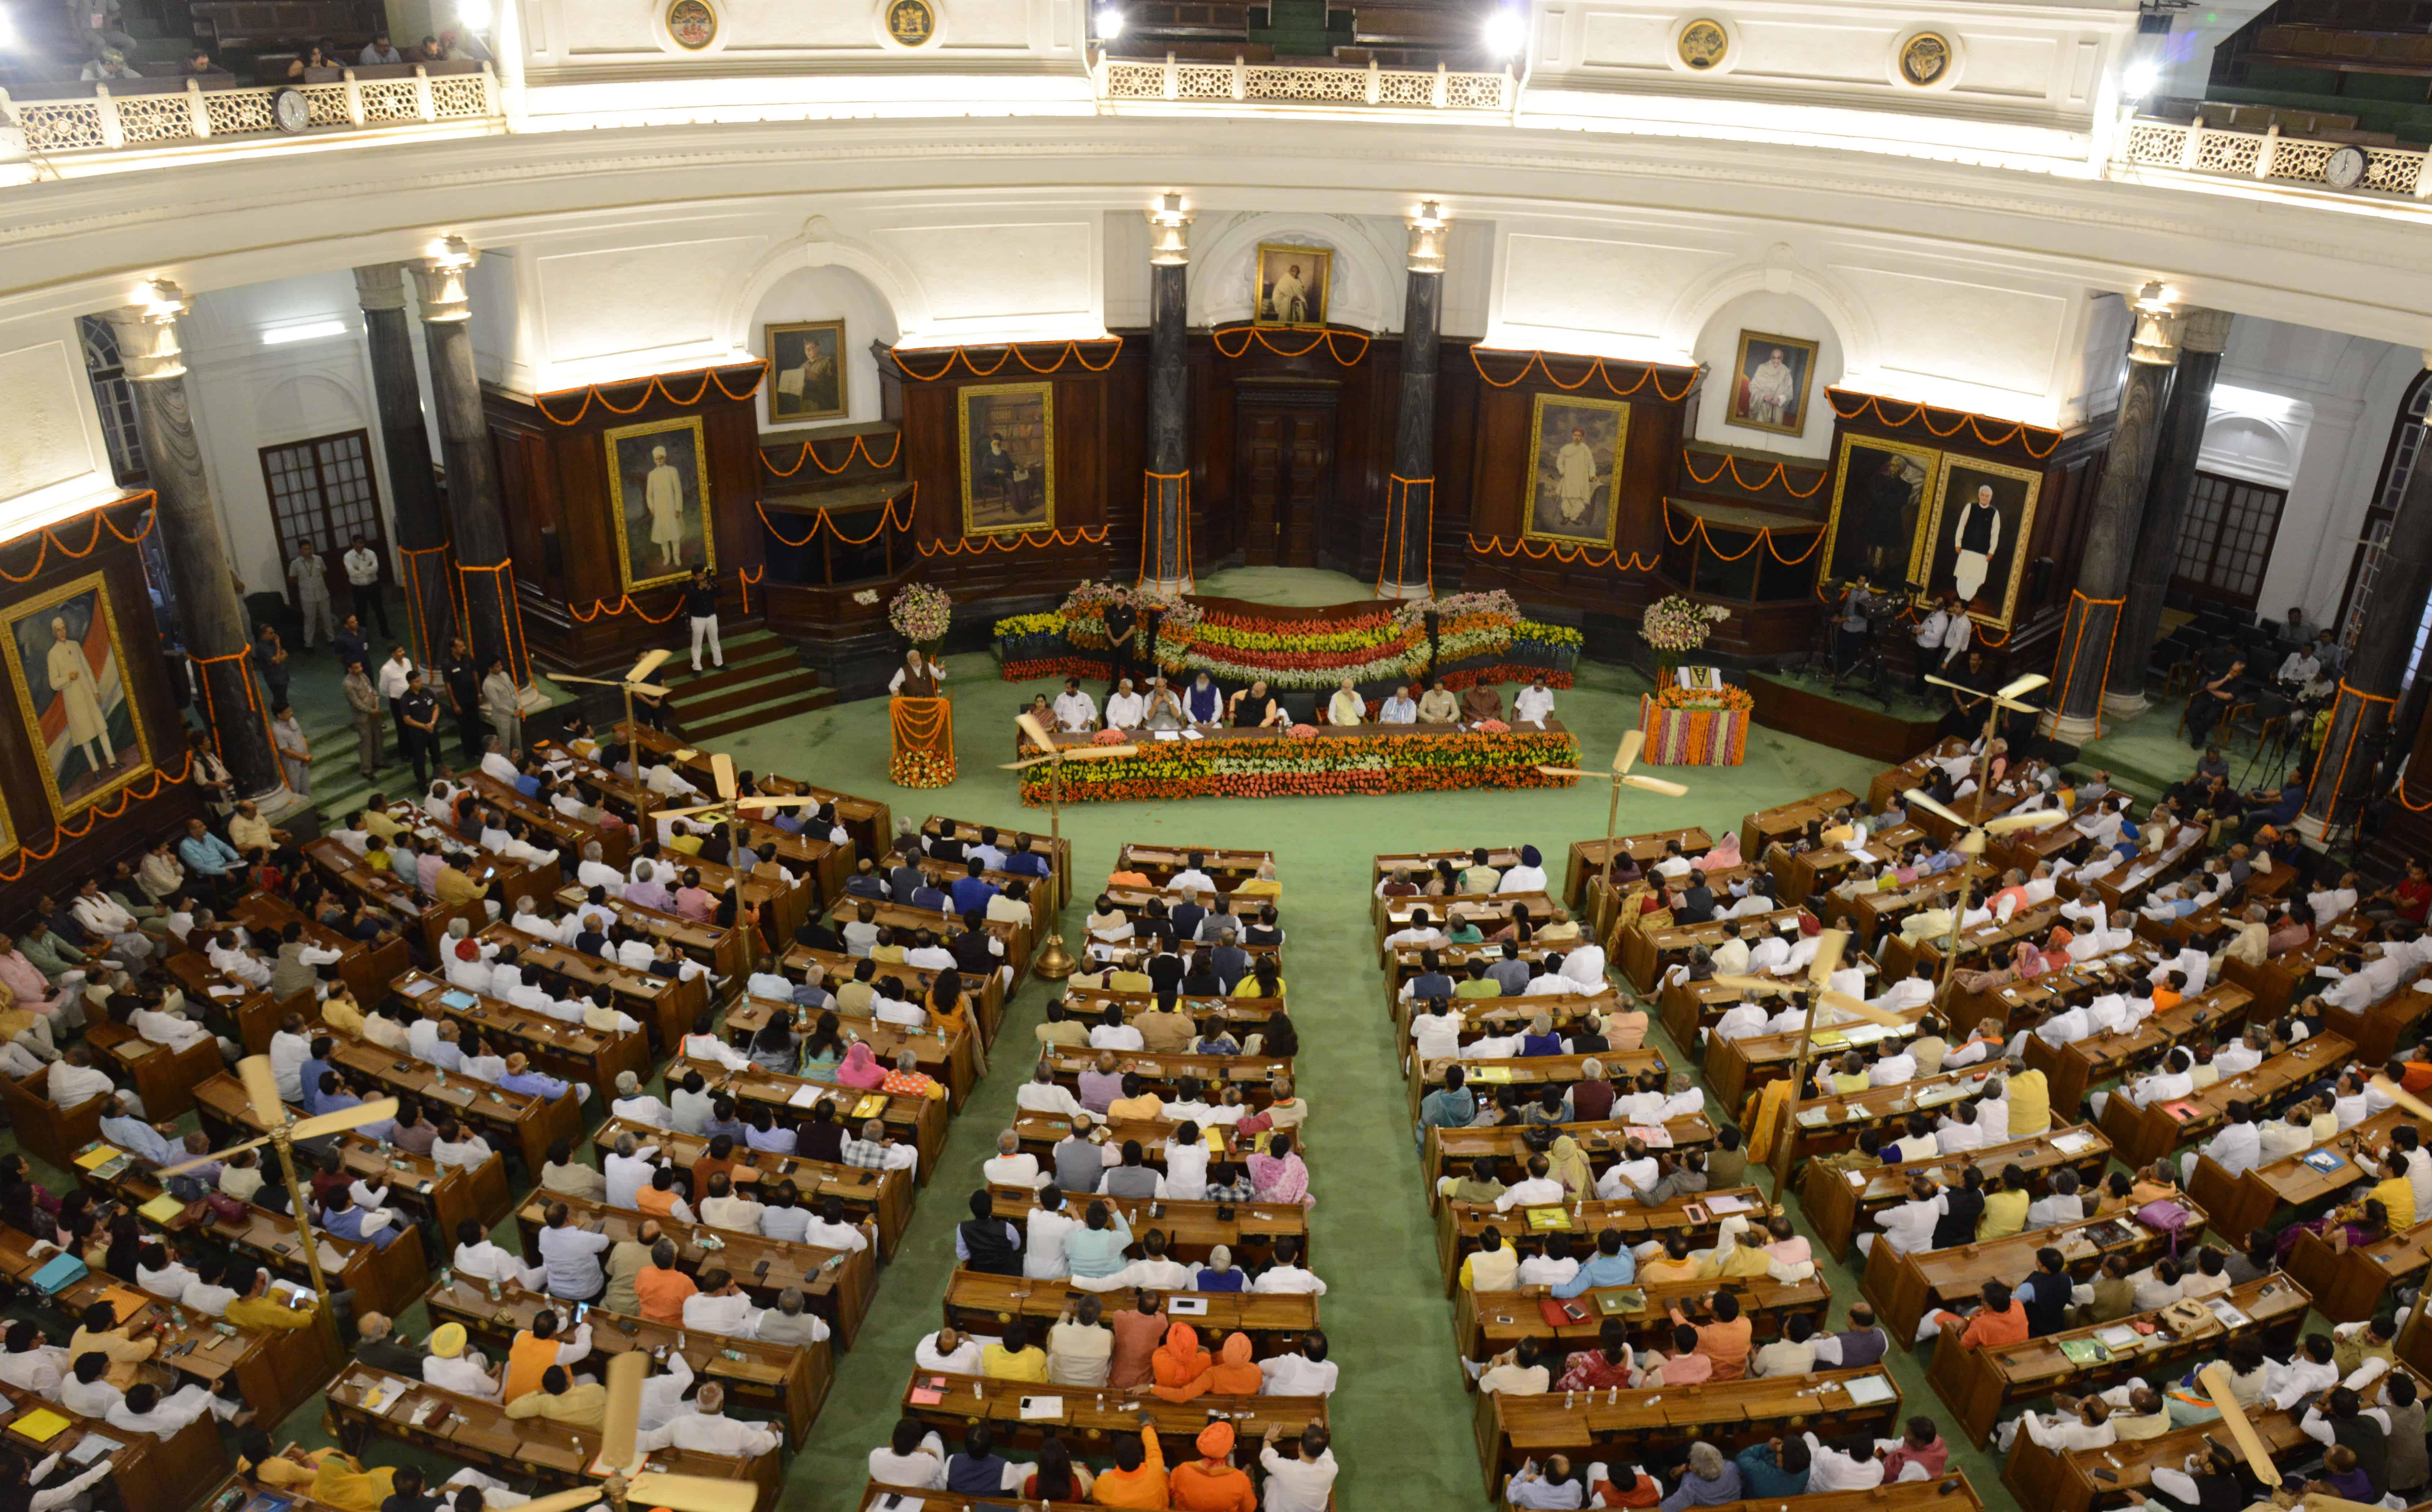 Une image du parlement de l